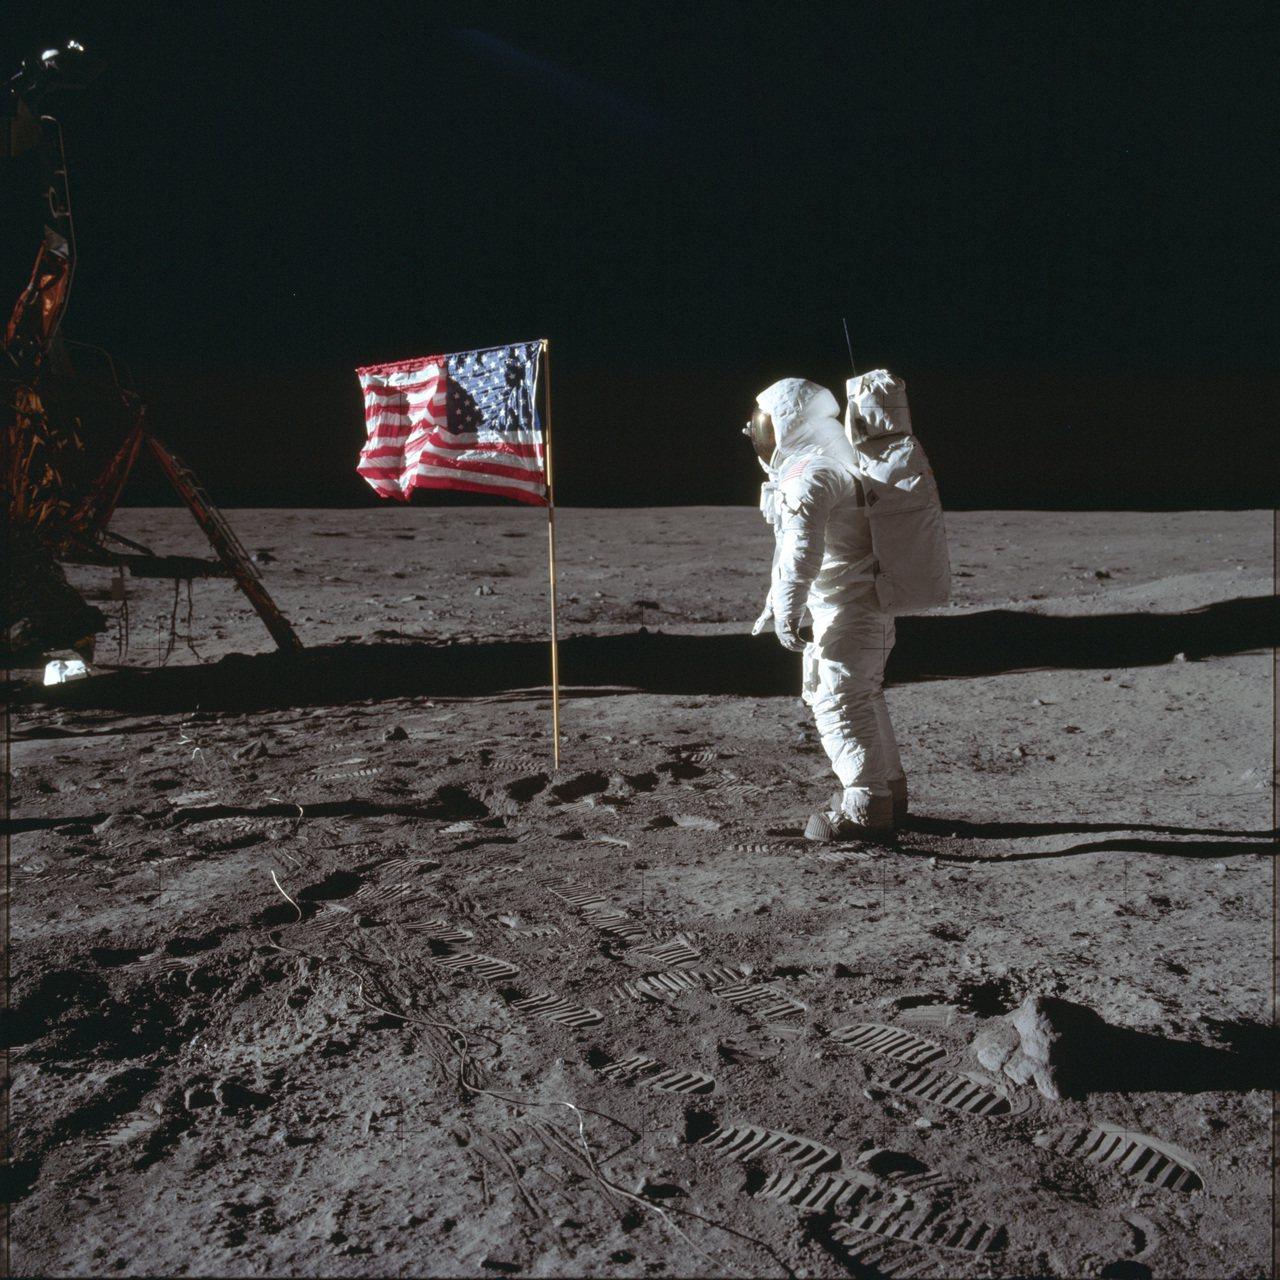 1969年7月20日,太空人艾德林與月球表面的美國國旗合影。(美聯社)